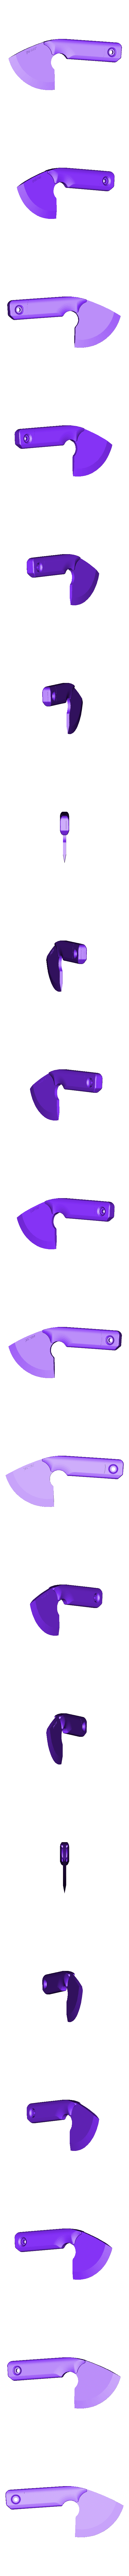 Skinner1_v16.stl Télécharger fichier STL gratuit Skinner 1 • Plan à imprimer en 3D, Theshort